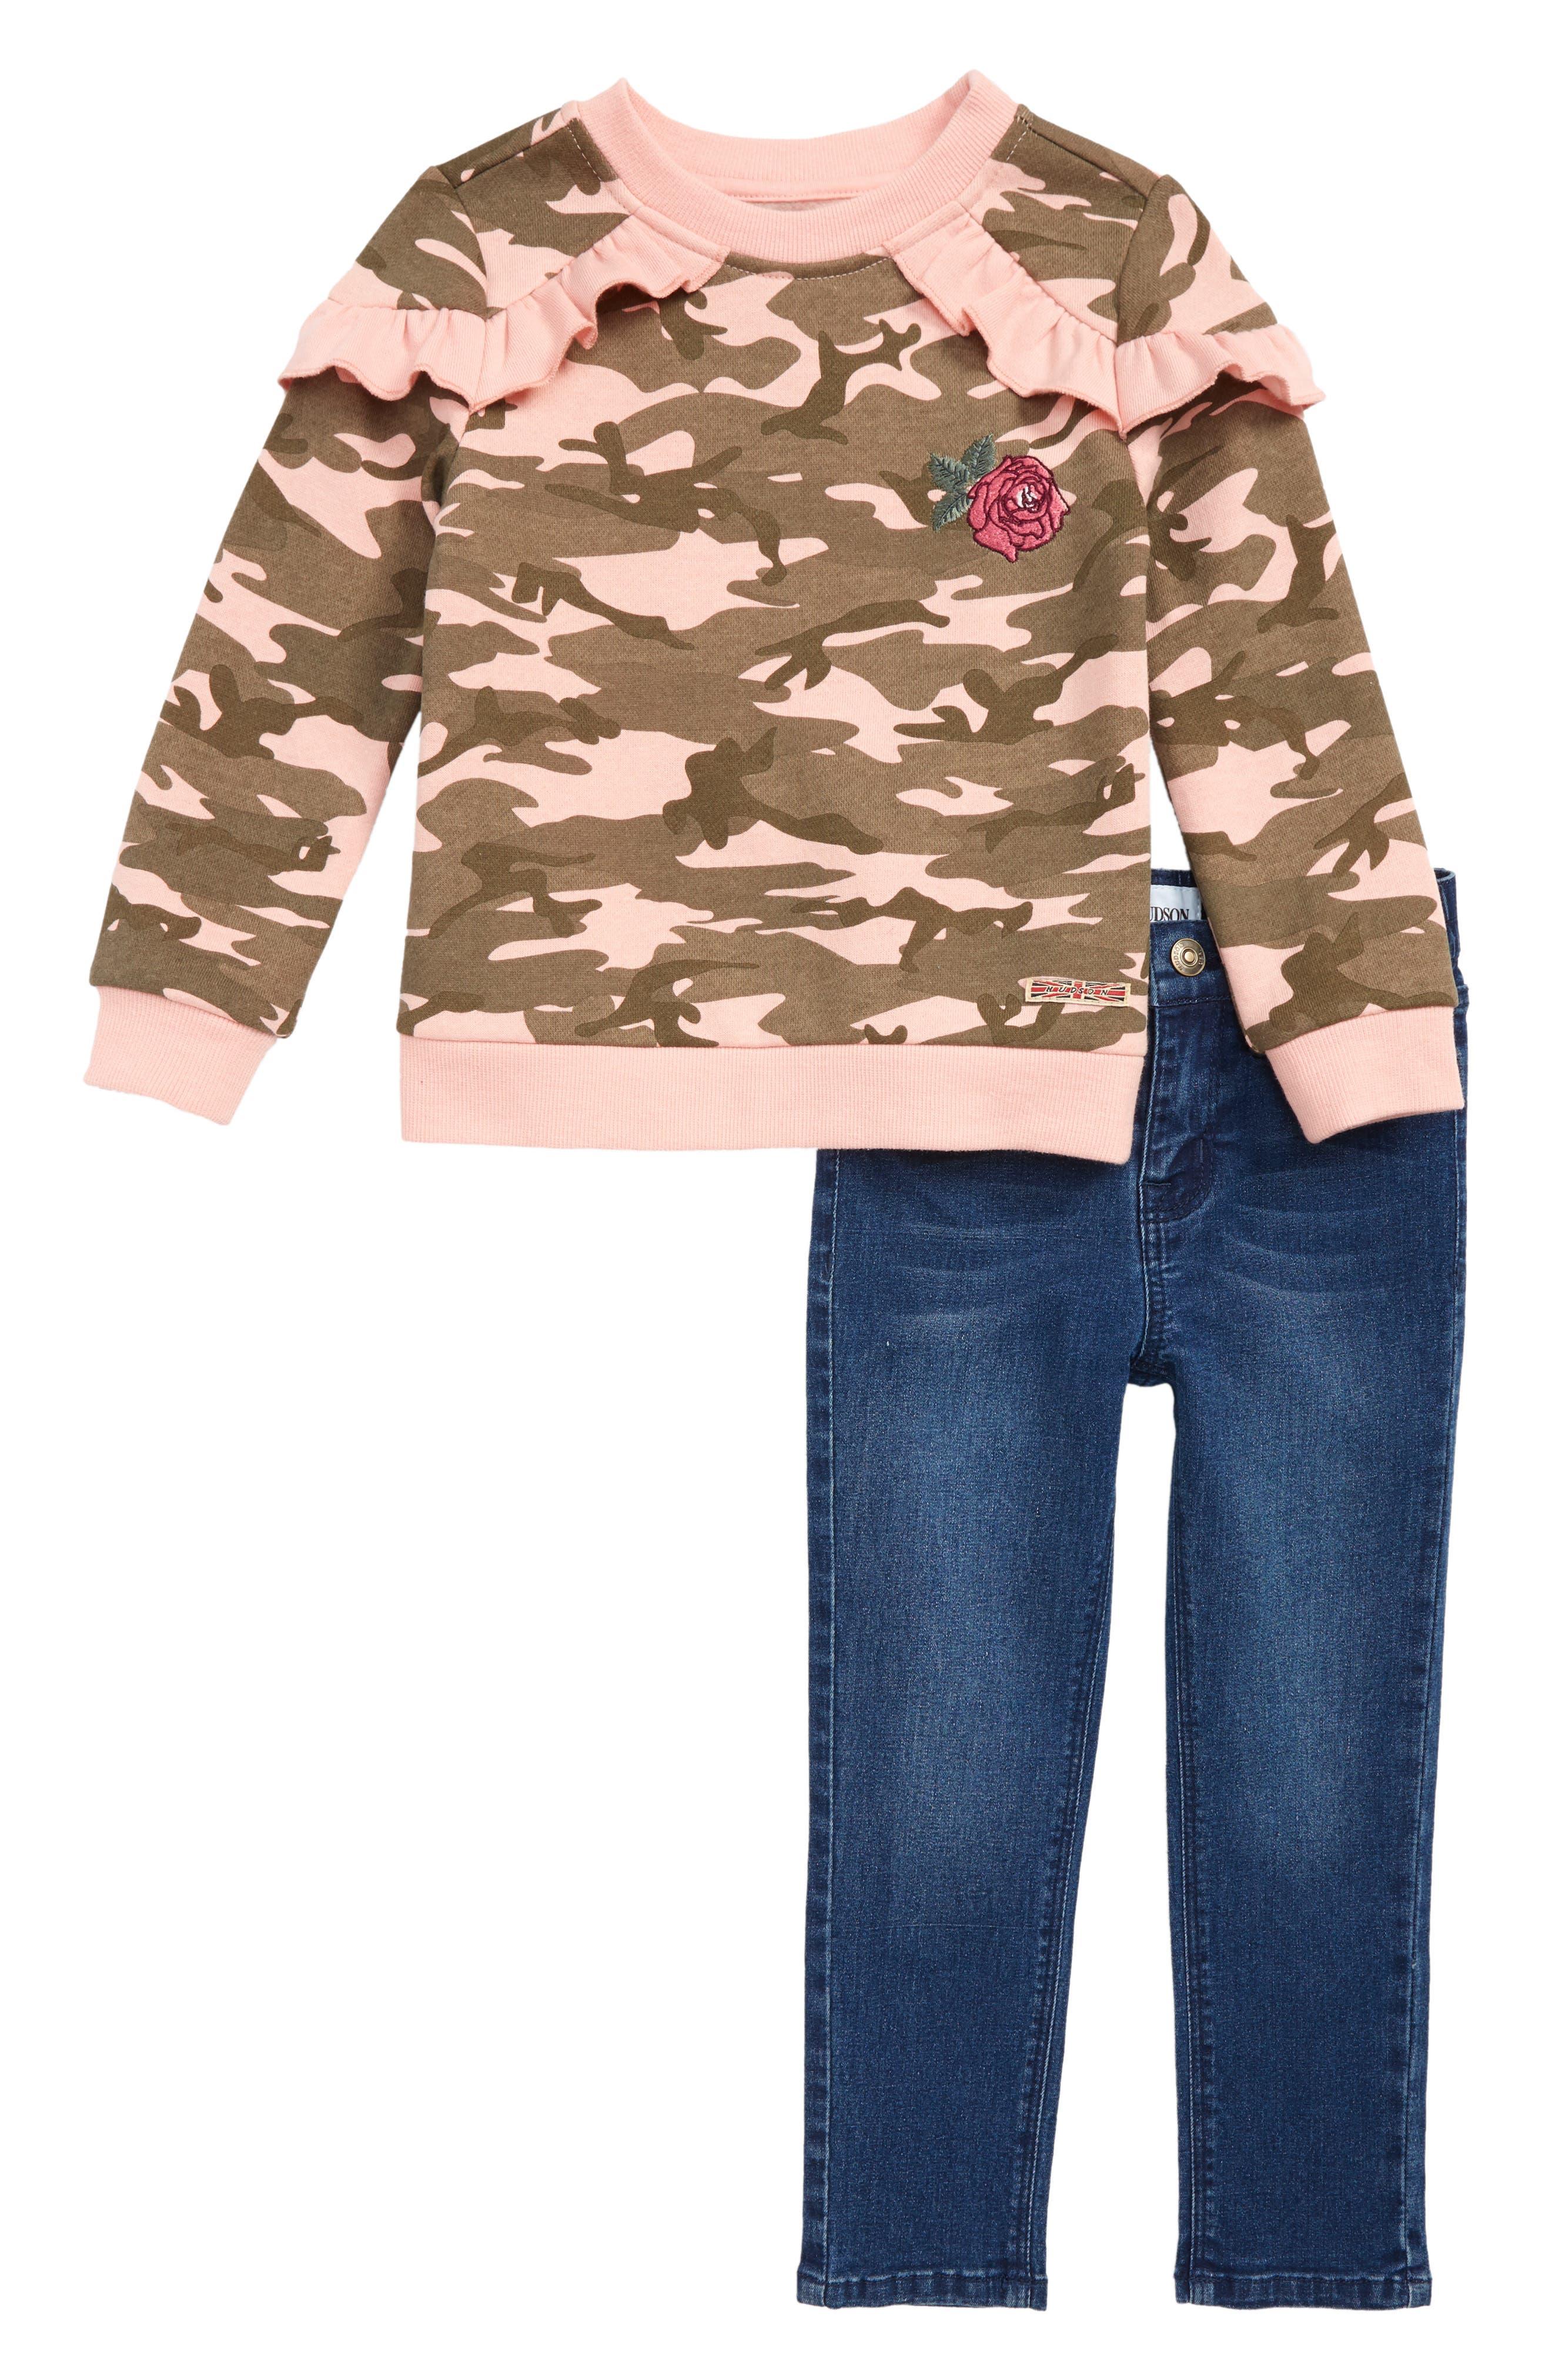 Toddler Girls Hudson Kids TwoPiece Sweatshirt  Jeans Set